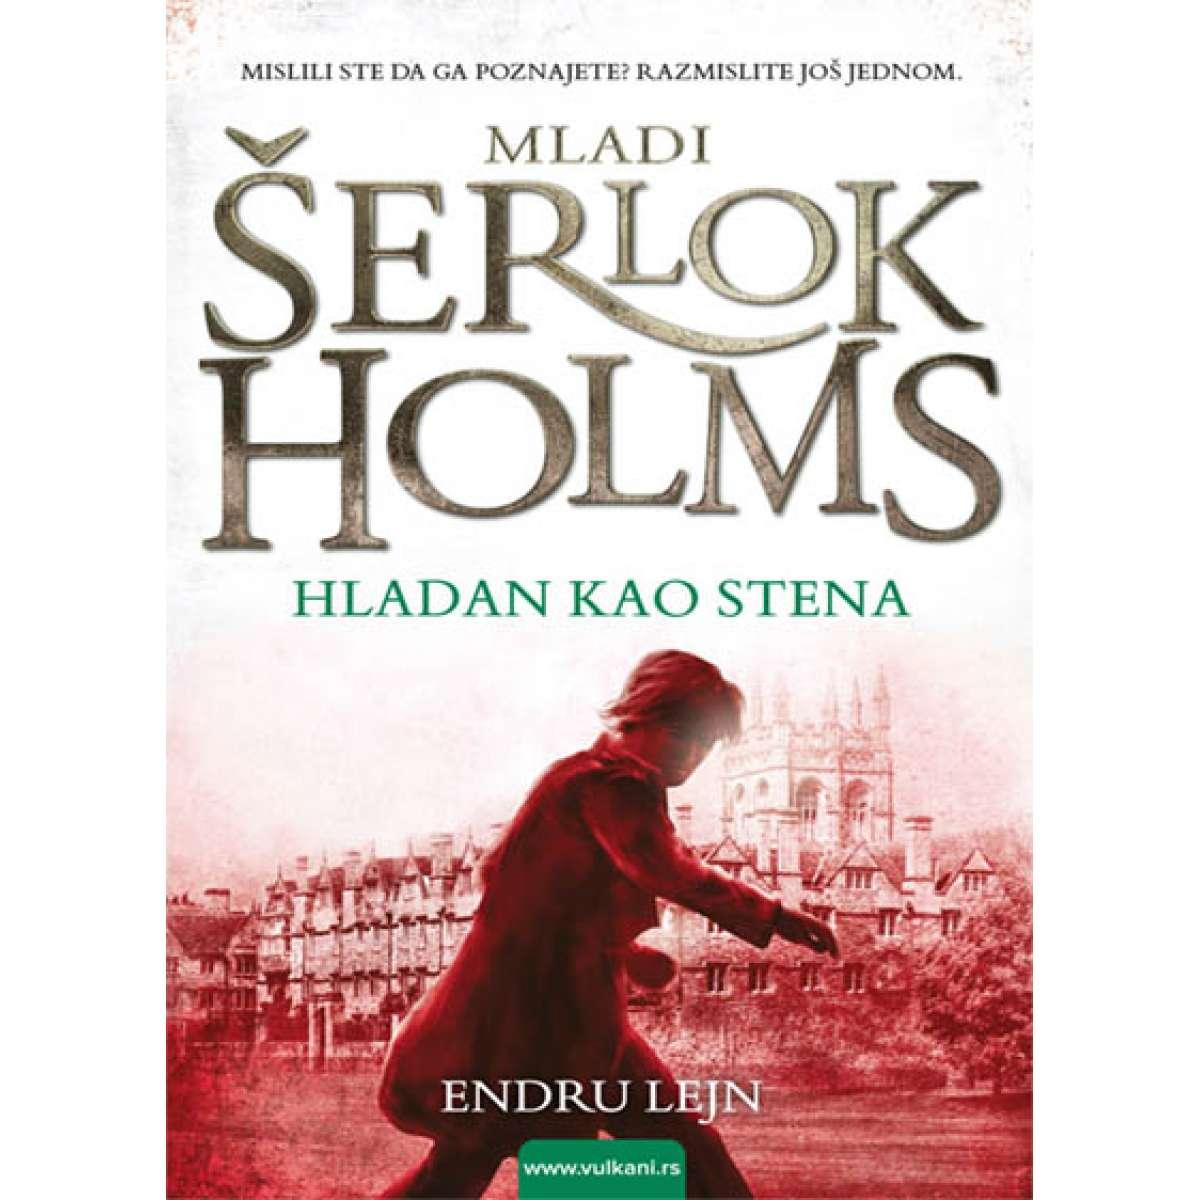 MLADI ŠERLOK HOLMS: HLADAN KAO STENA